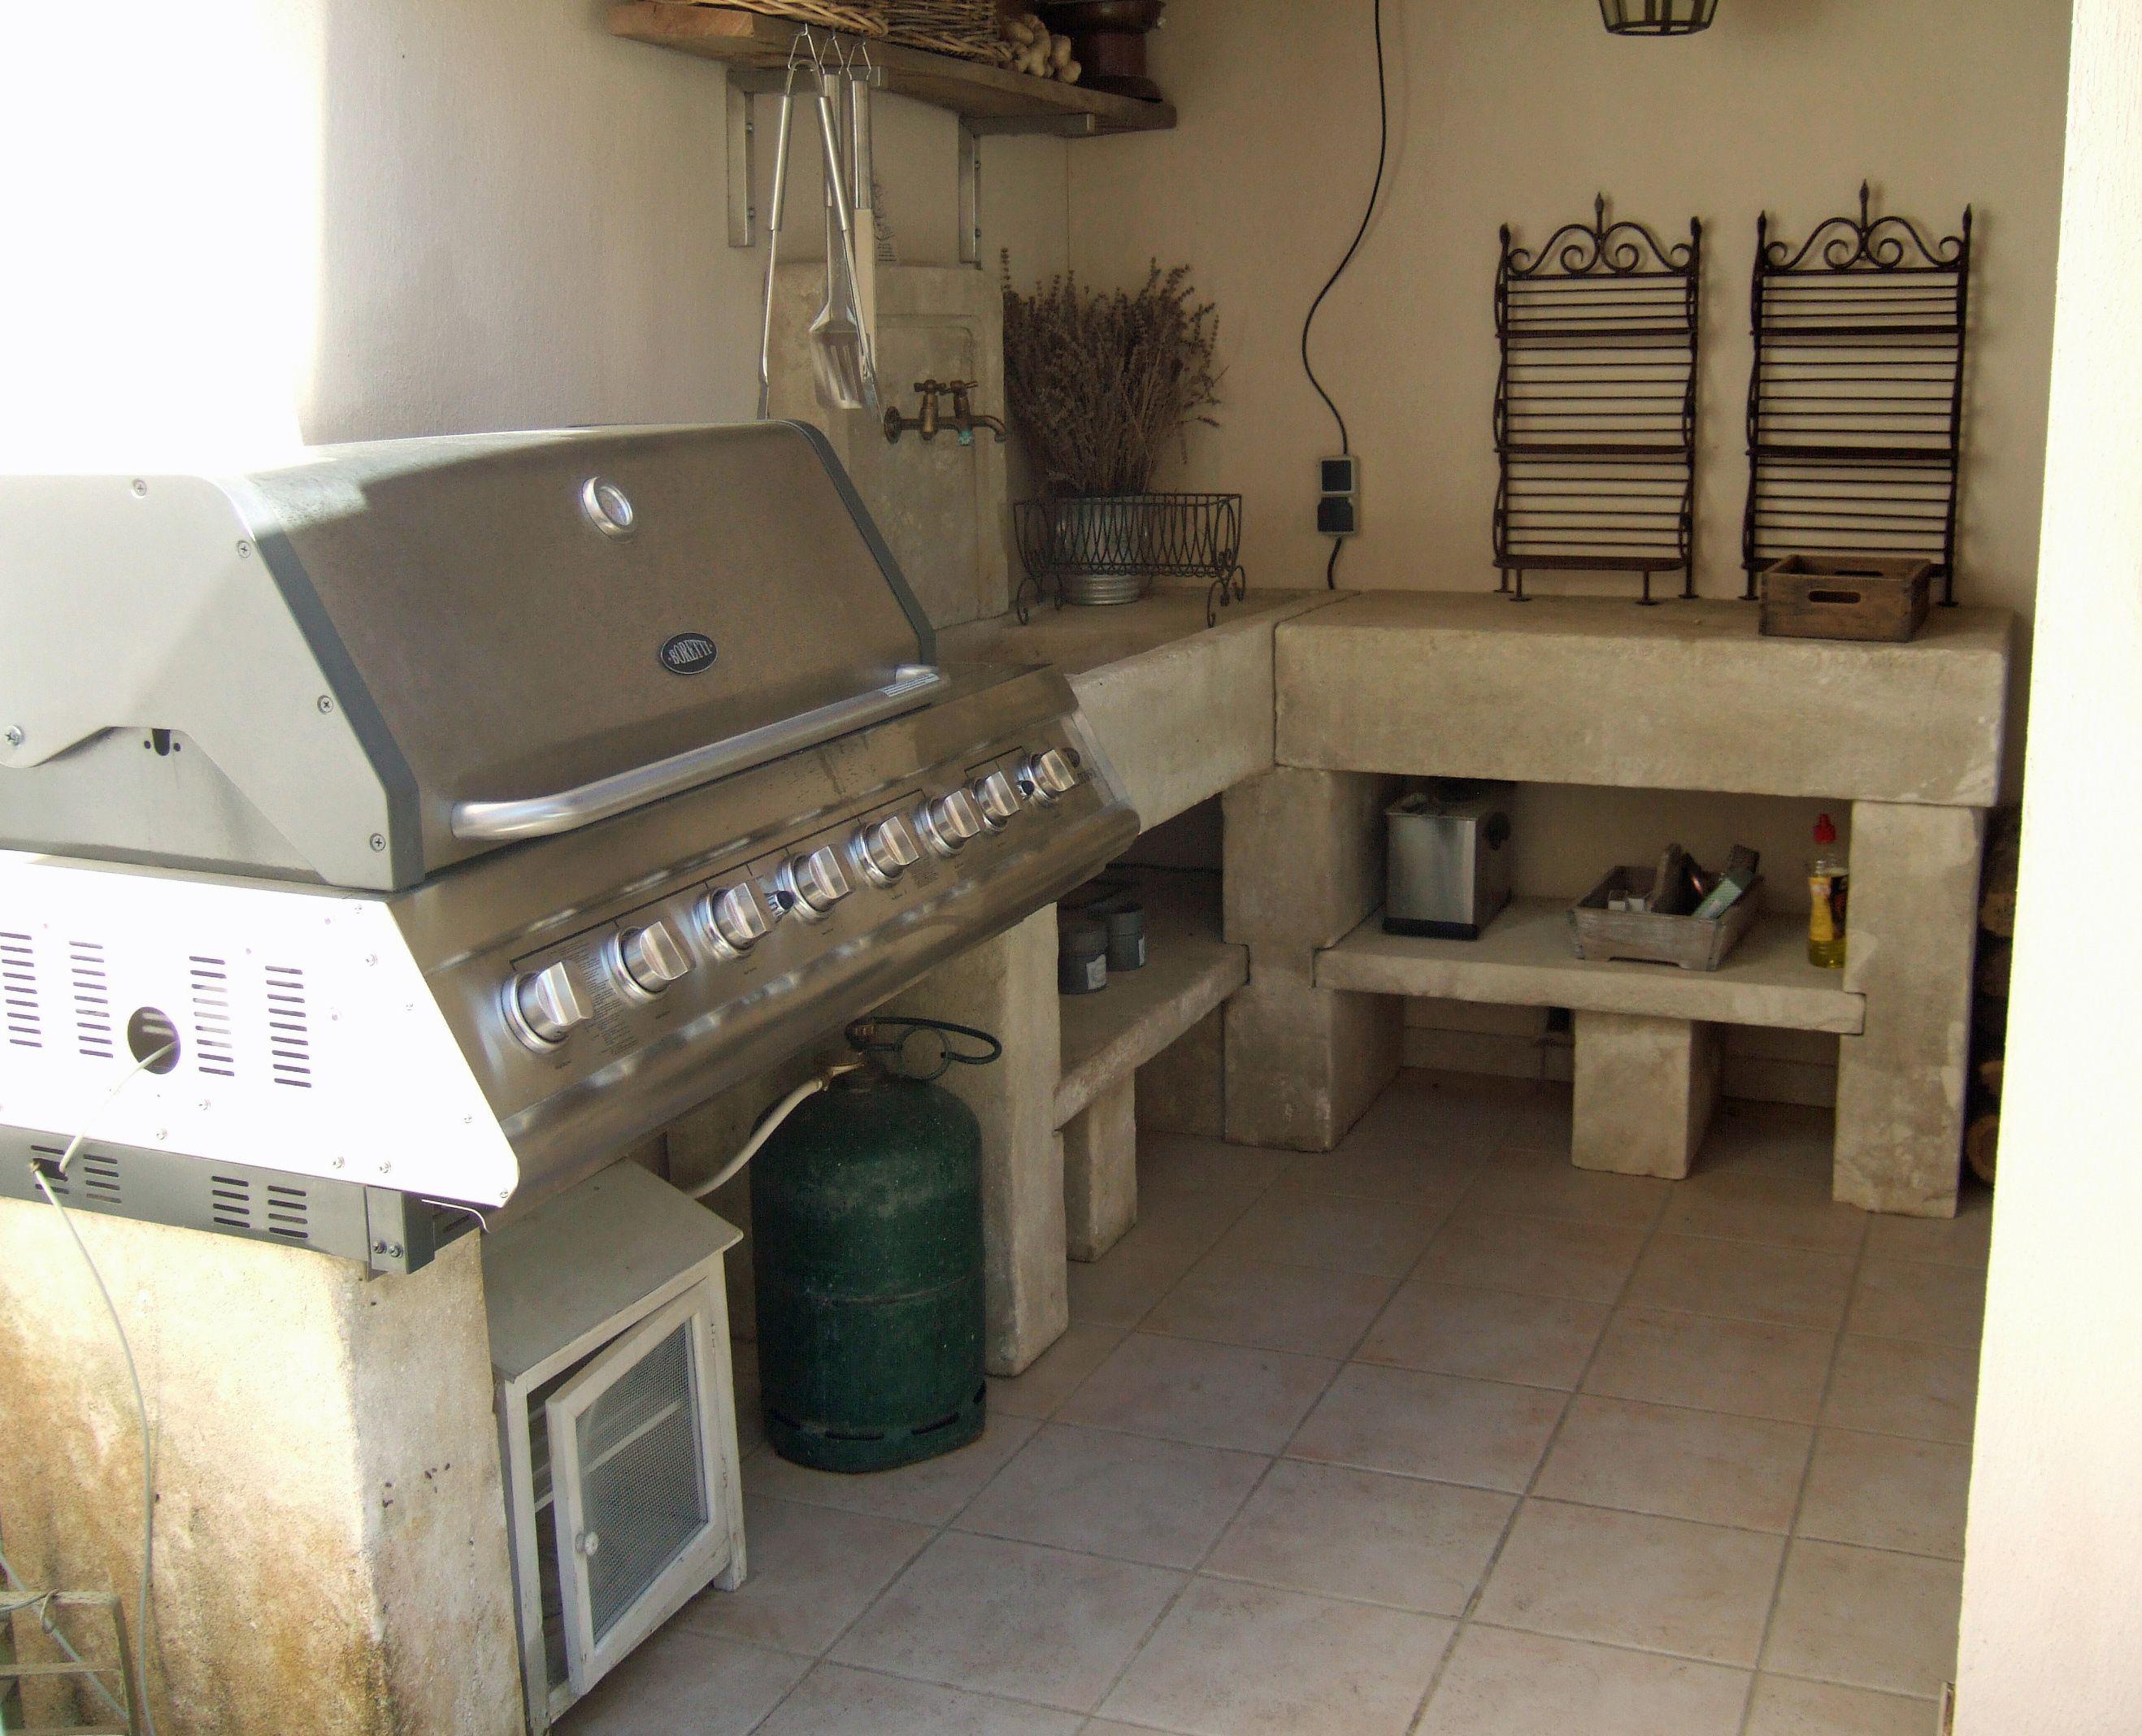 Cuisine Exterieure En Pierre voici une belle cuisine d'été en pierre naturelle : une